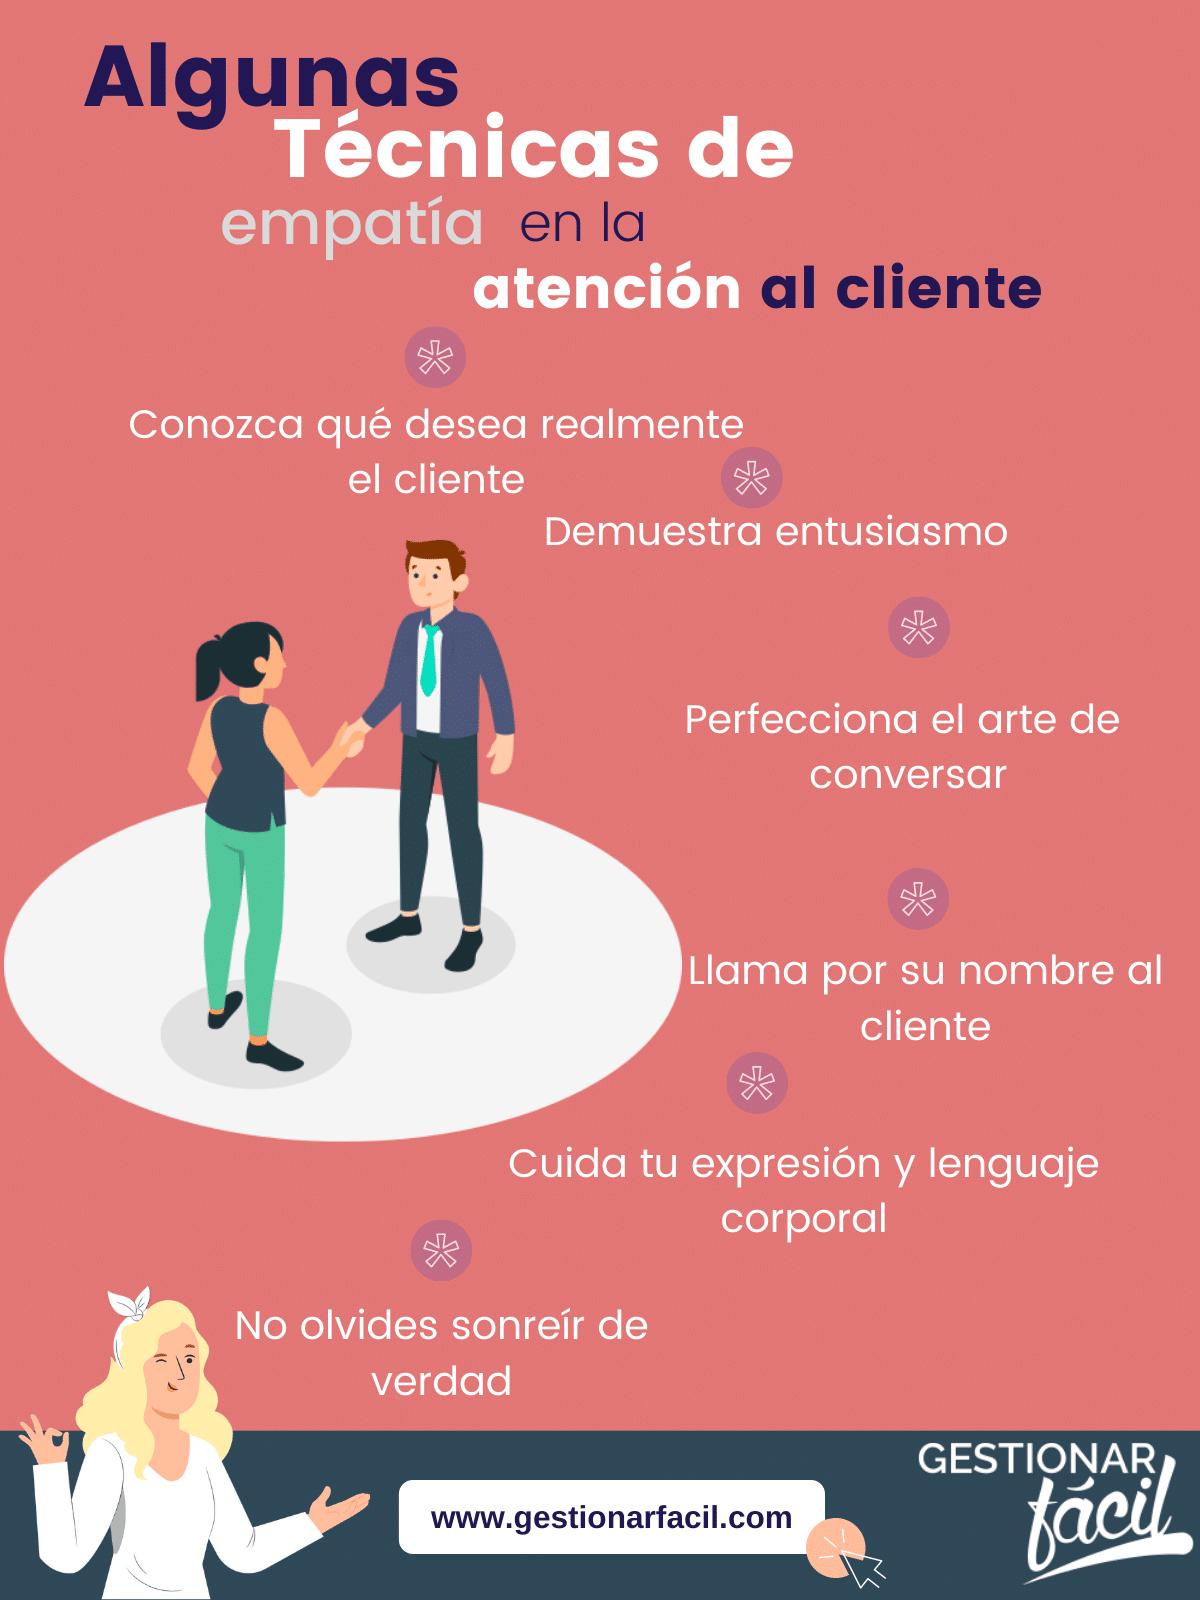 Técnicas de empatía en la atención al cliente